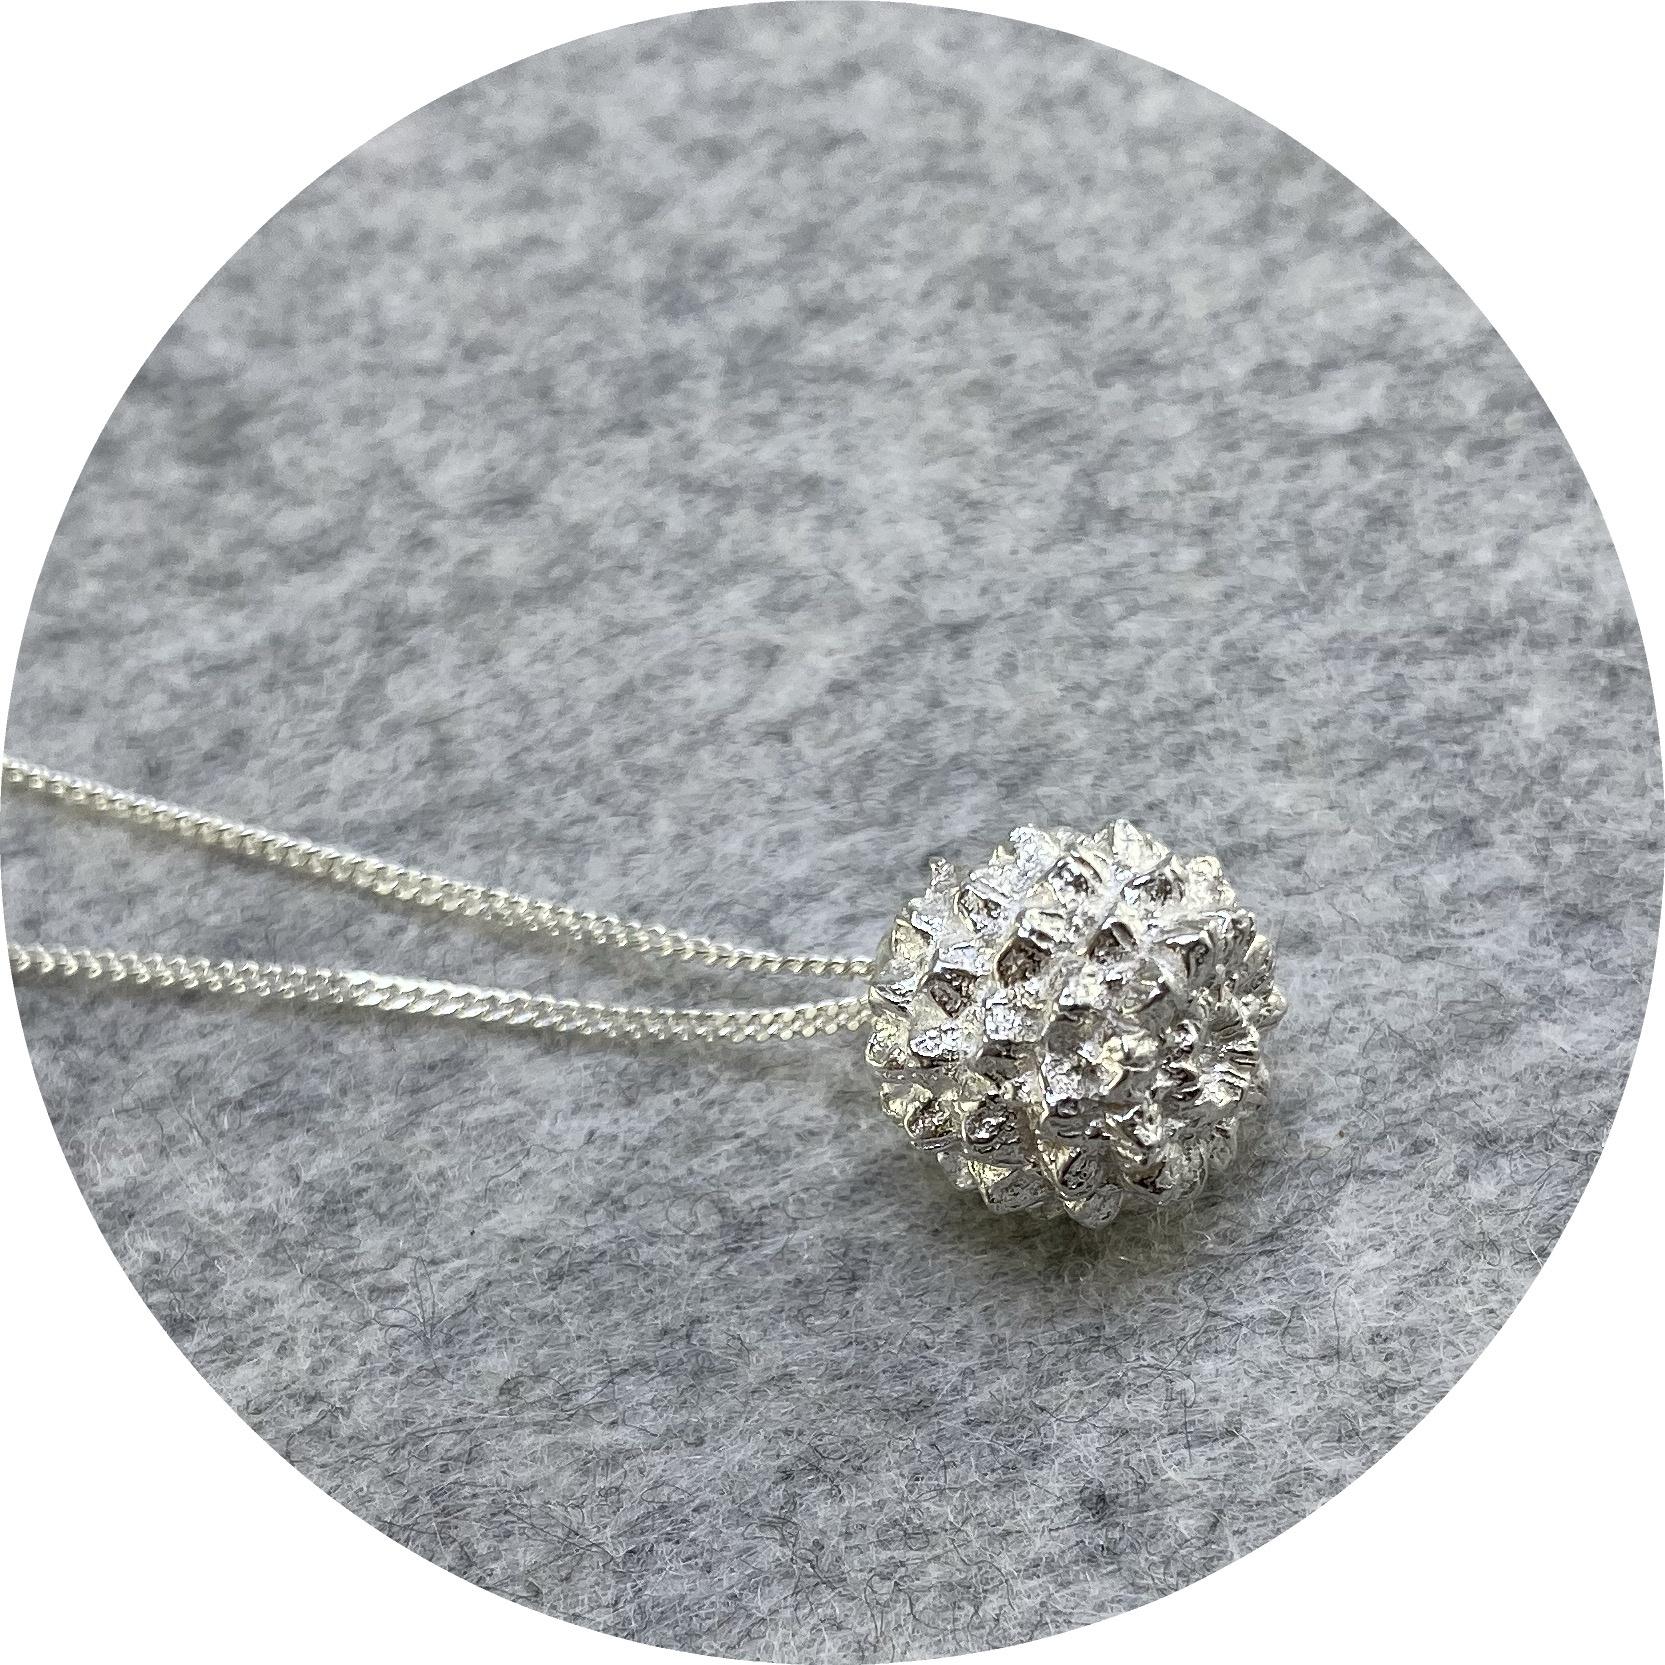 Manuela Igreja- SheOak necklace. Sterling silver.